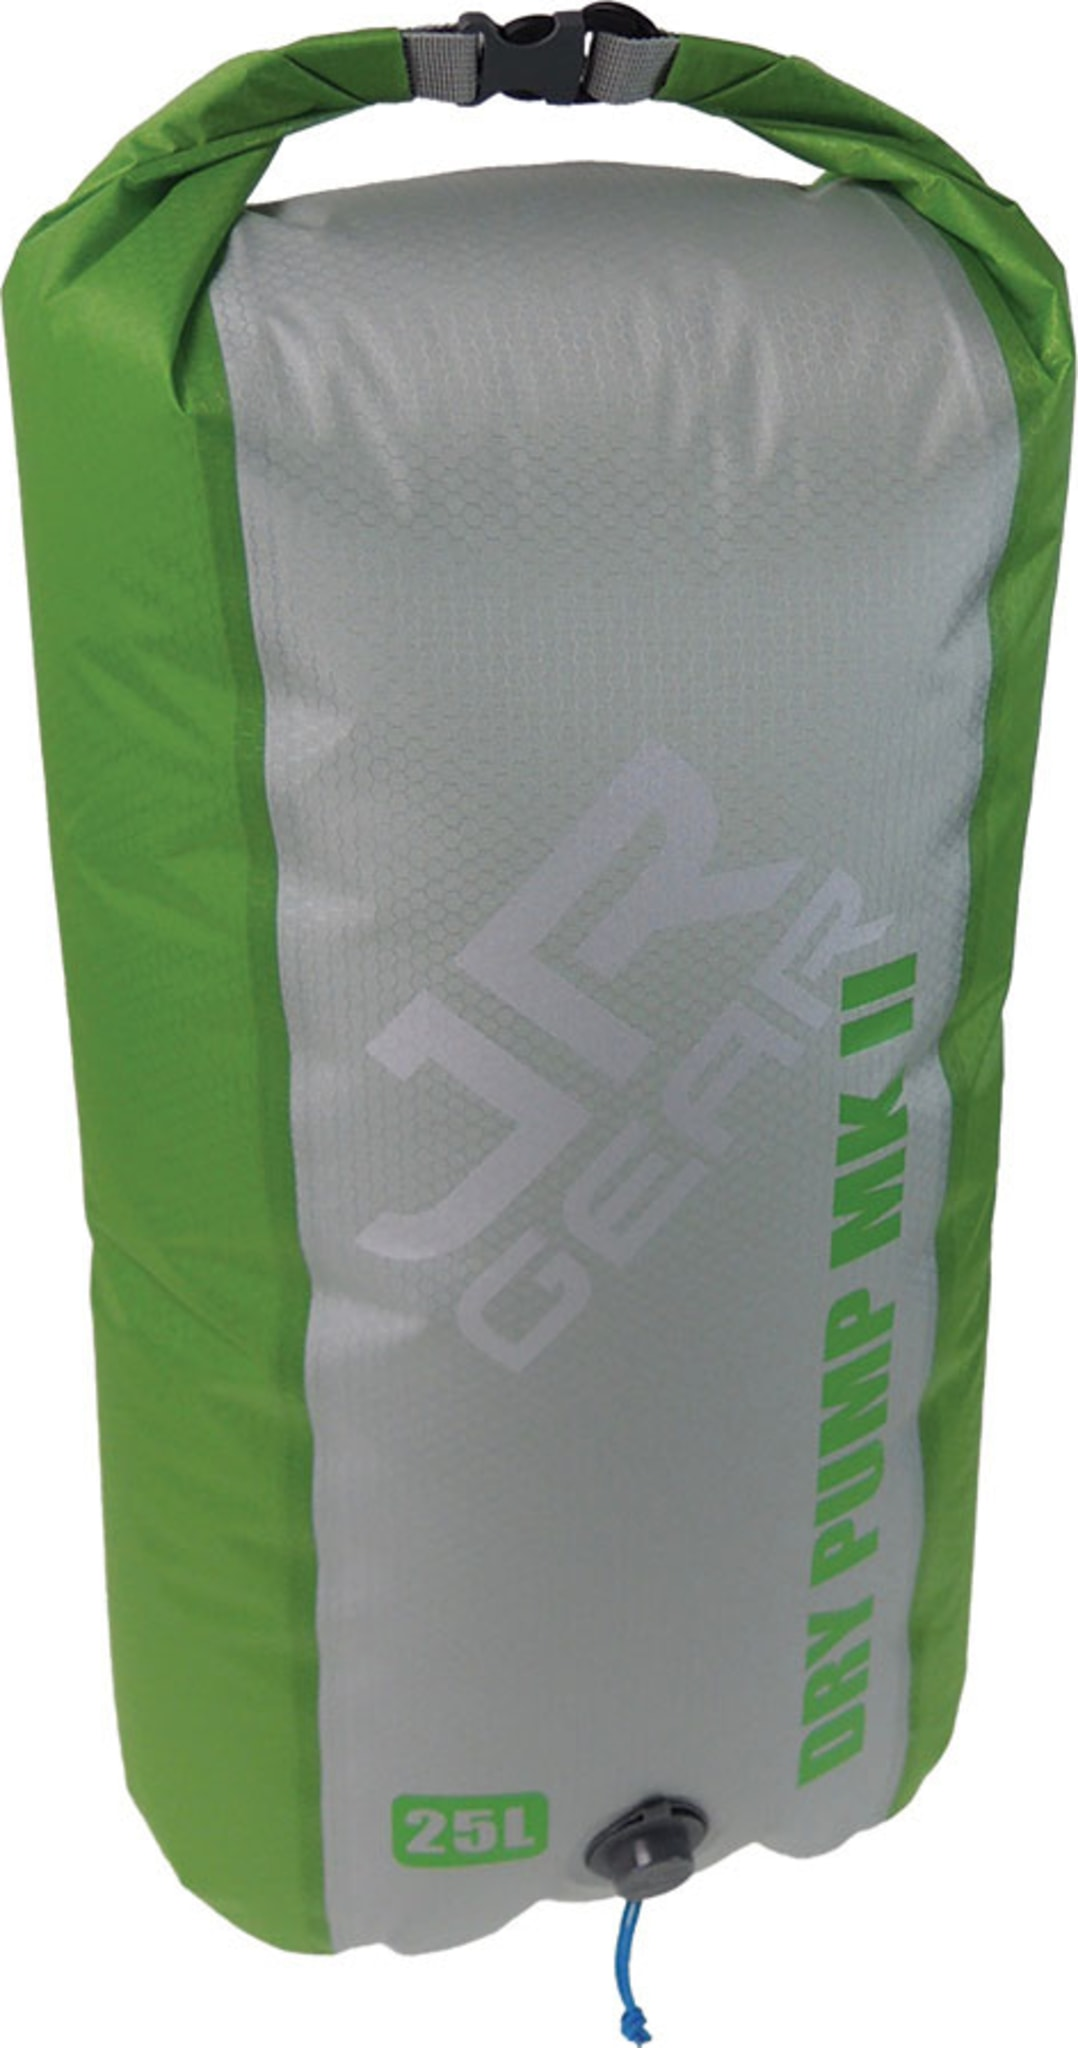 Pumpe til JR underlag som også kan brukes som pakkpose